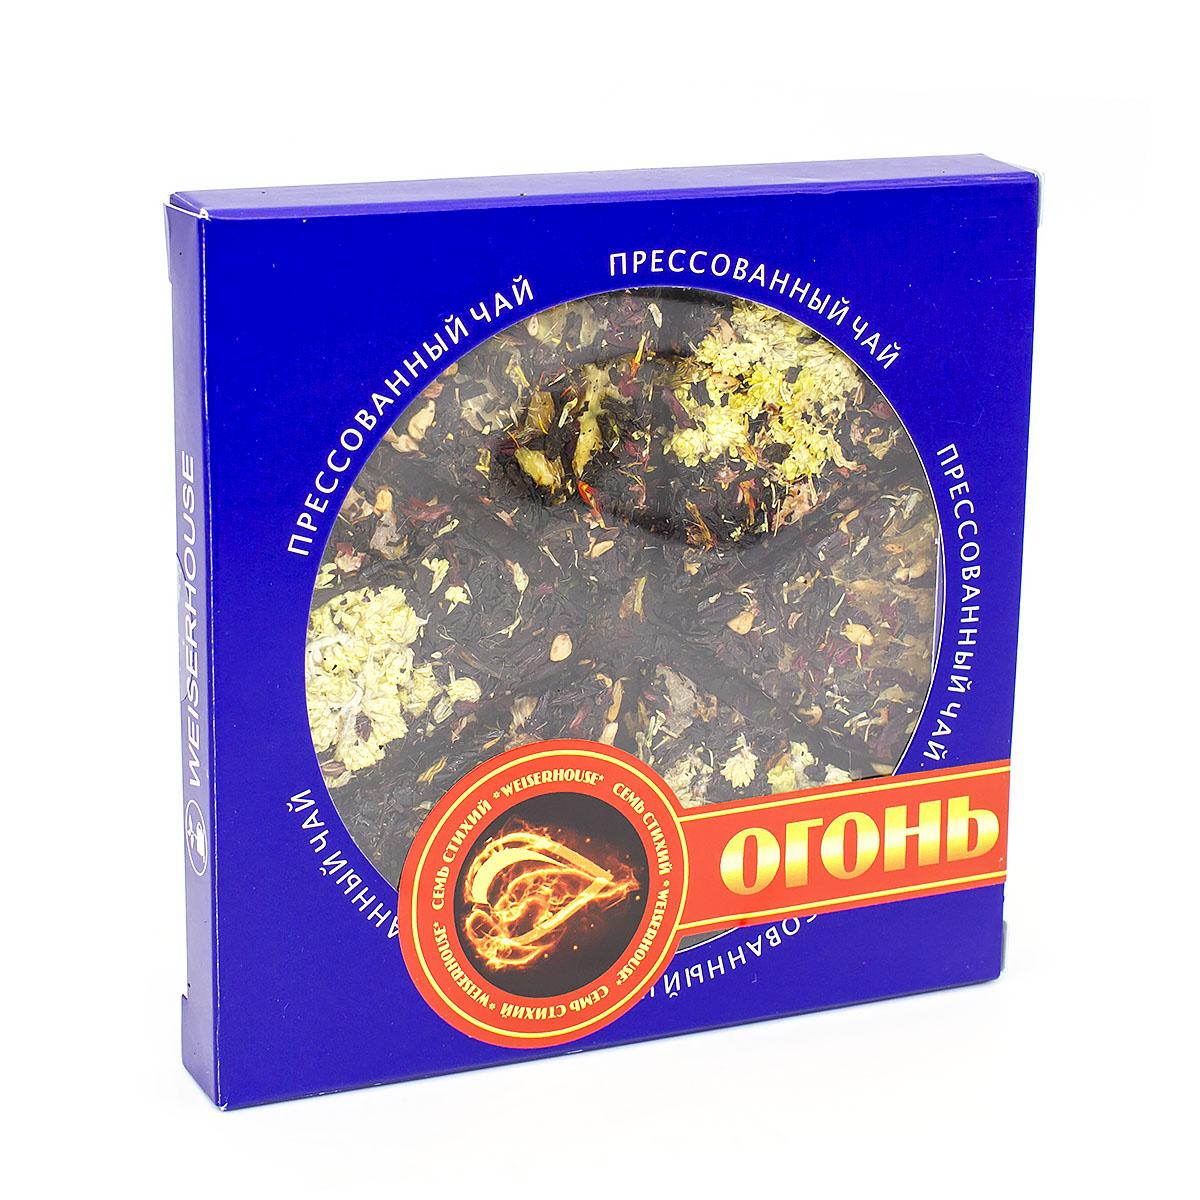 Фото - Чай чёрный с каркаде Огонь, прессованный, блин, 75 г чай чёрный вселенная прессованный блин 75 г